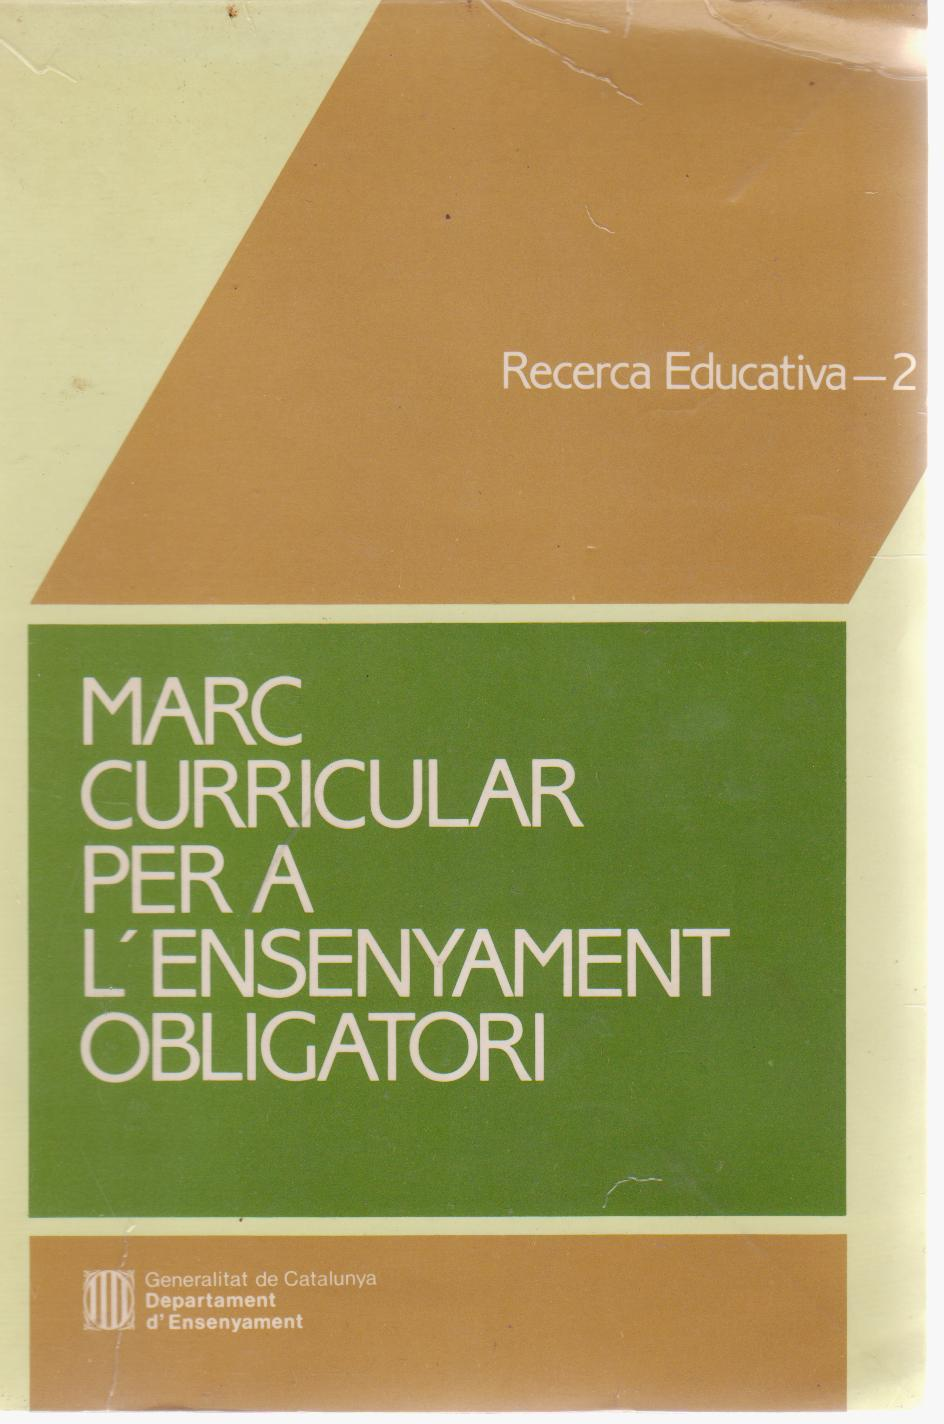 Marc curricular per a l'ensenyament obligatori